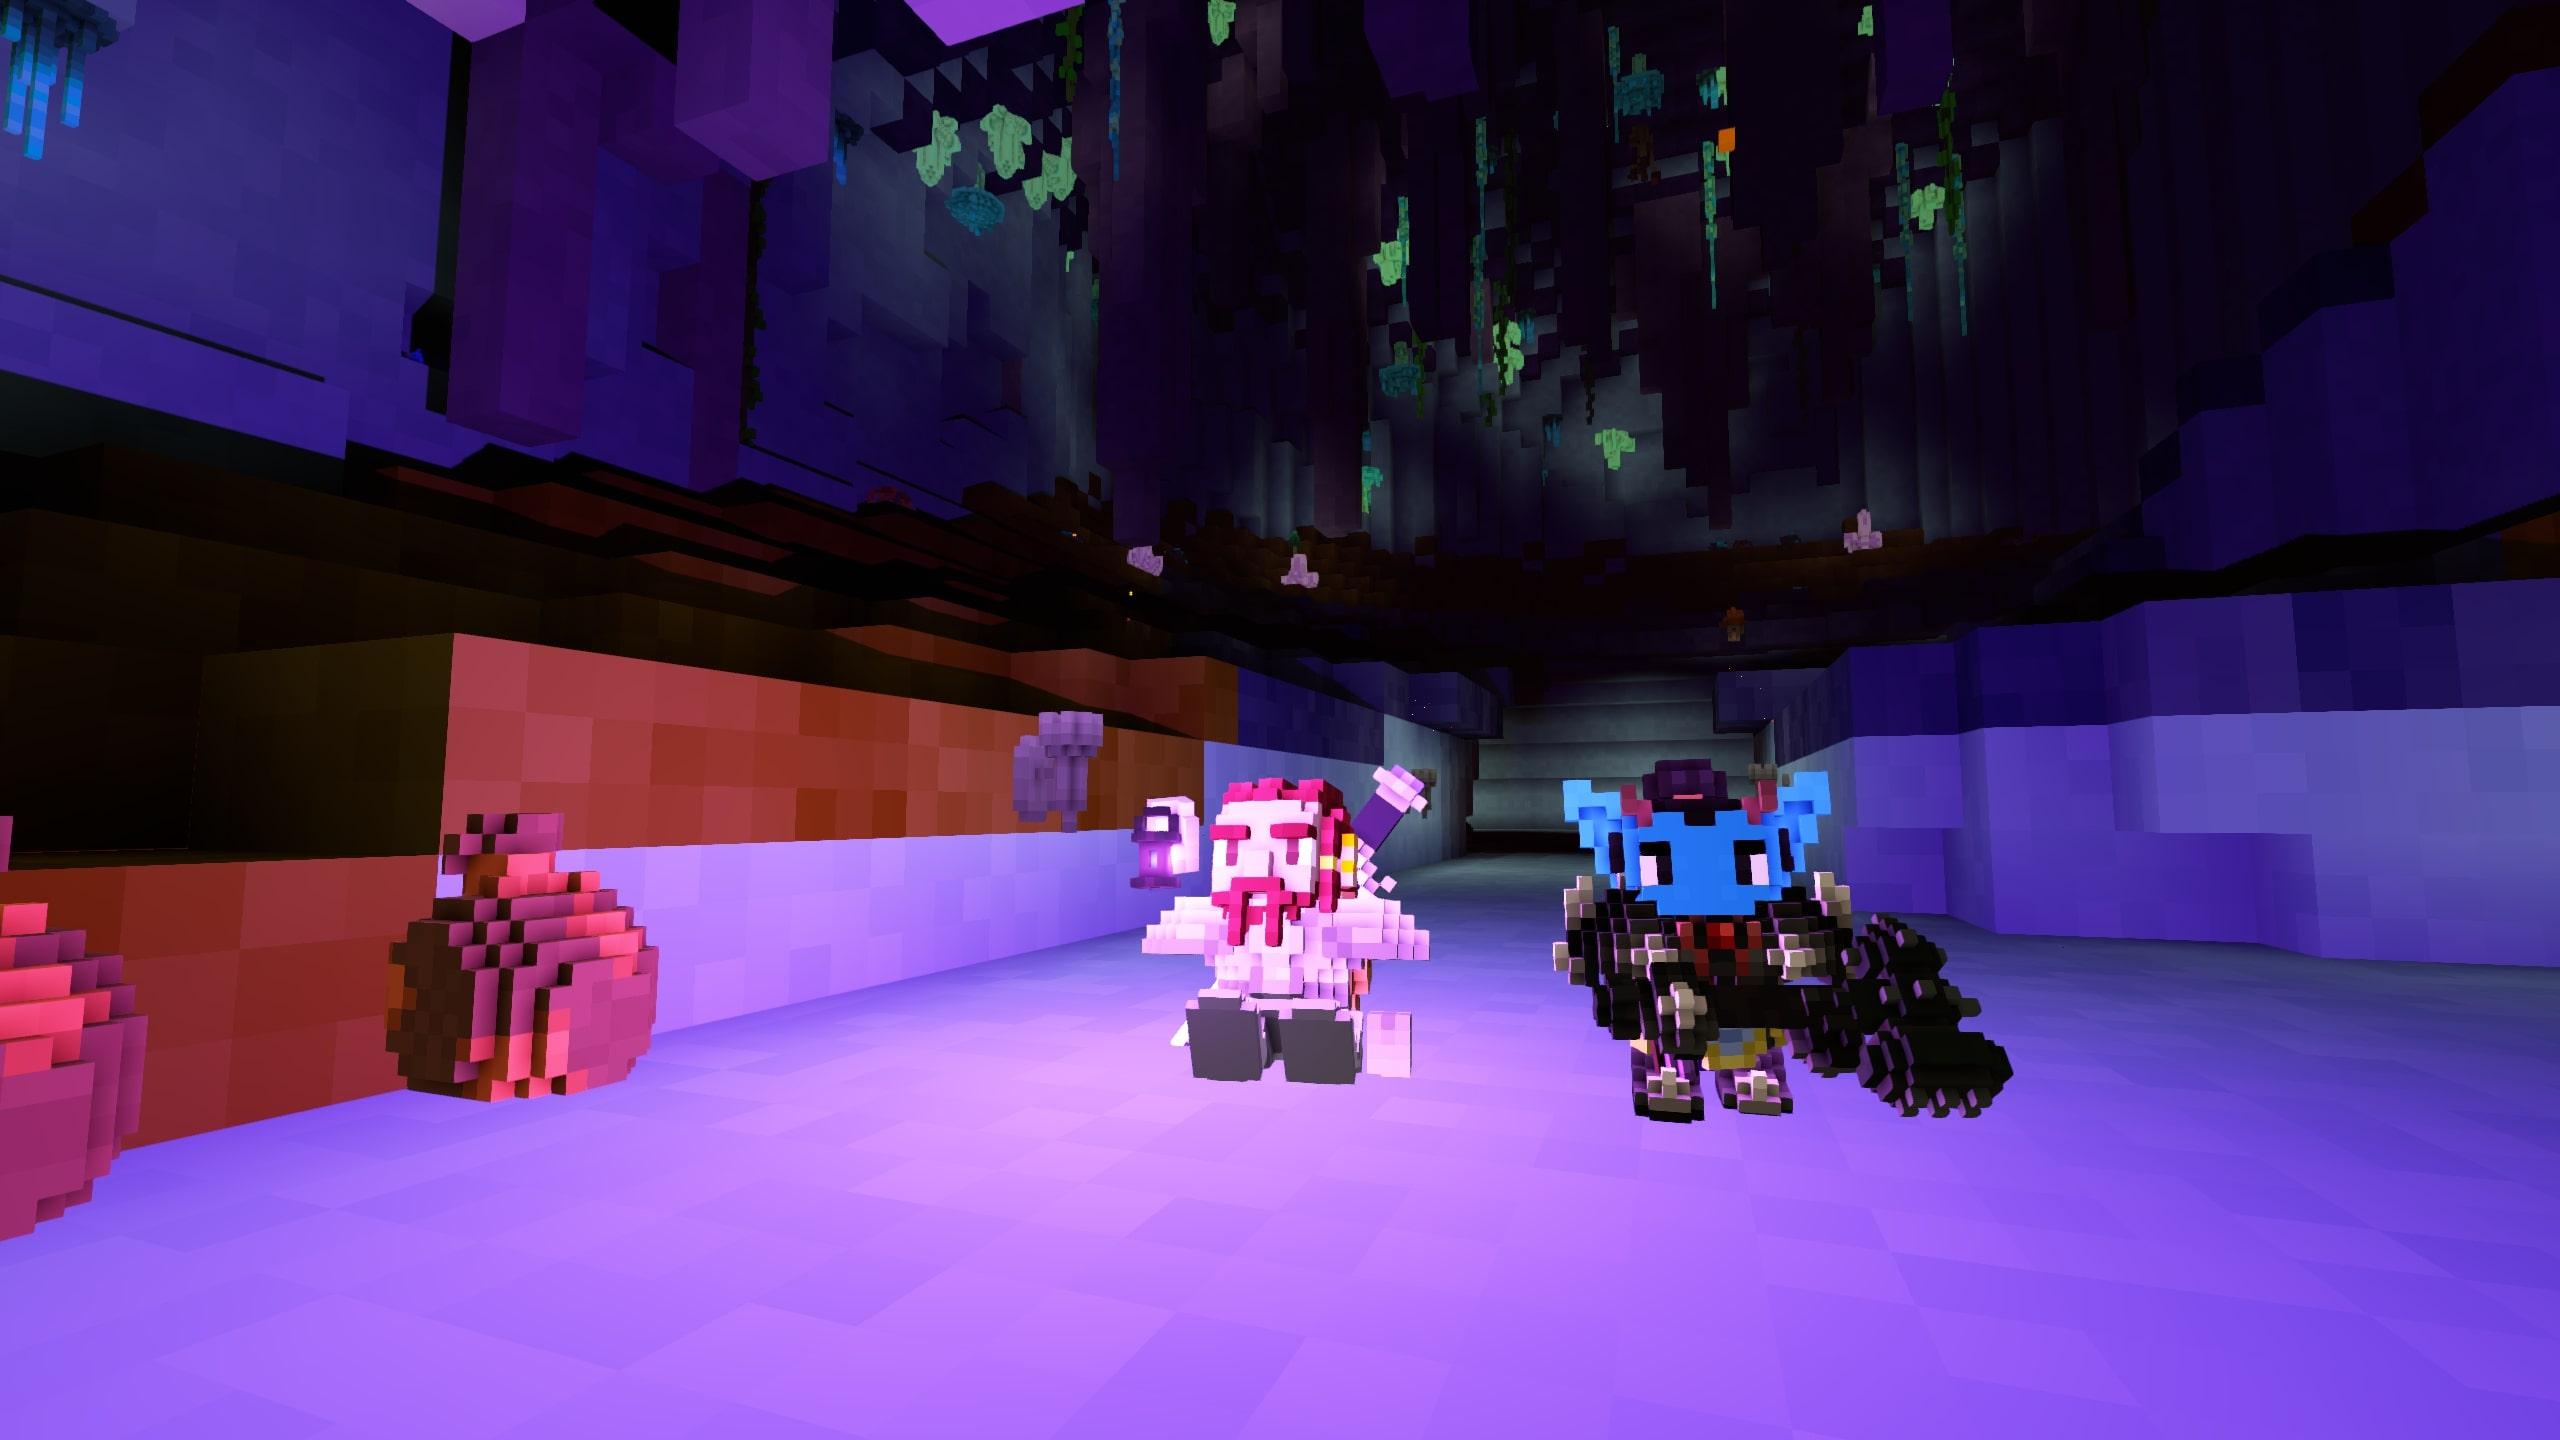 Exploring dungeons